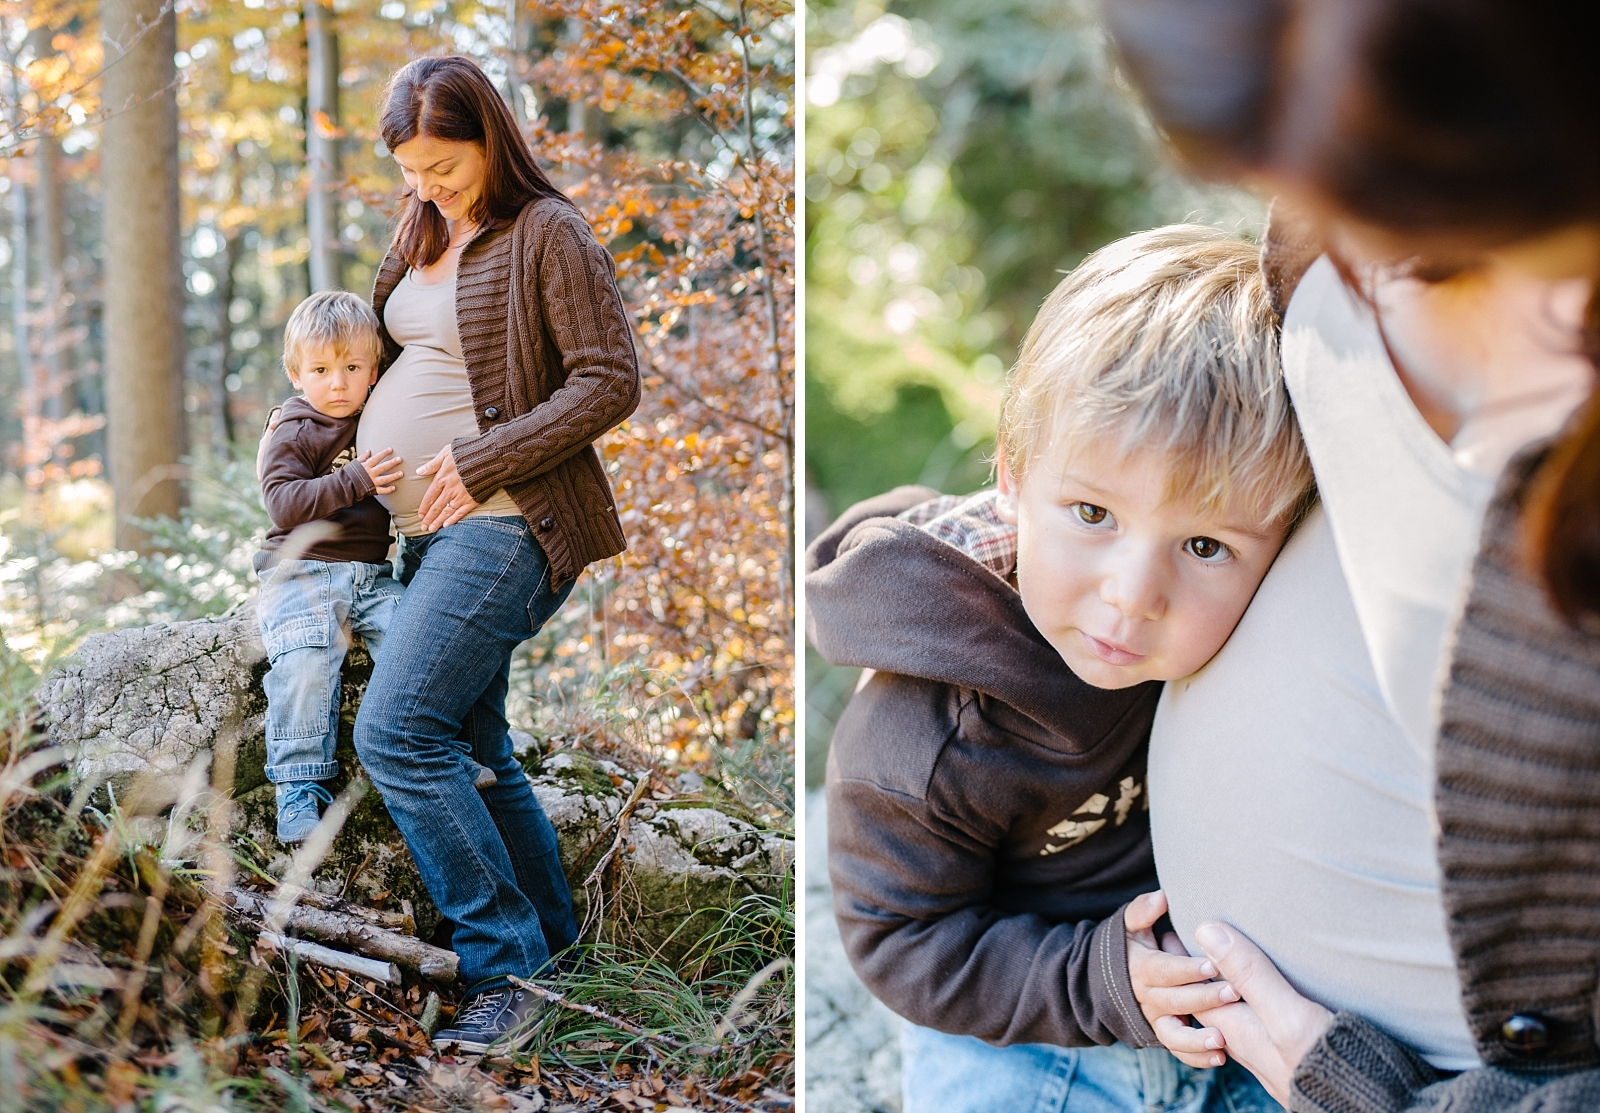 Kuscheln mit Babybauch